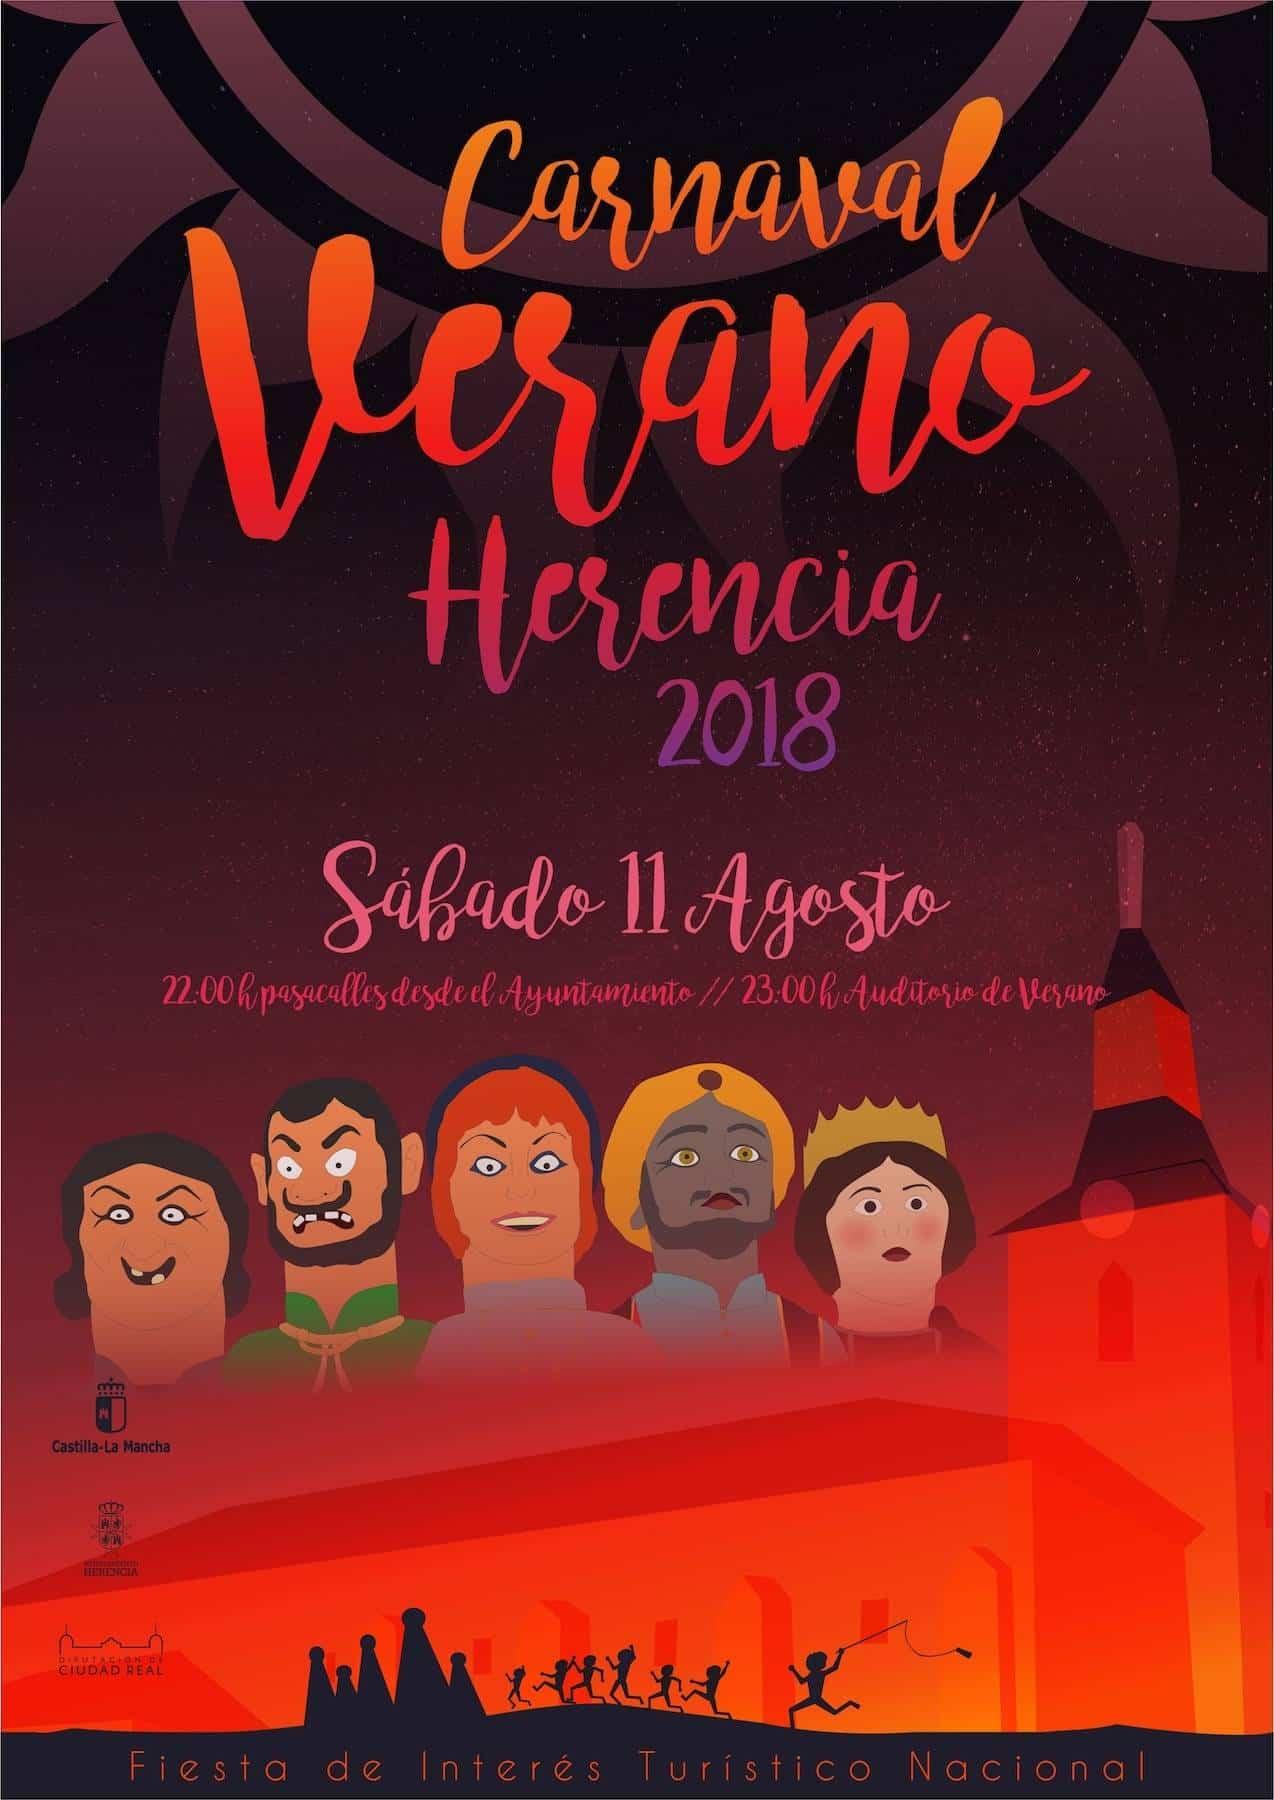 El Carnaval de Verano de Herencia el único en la región 3